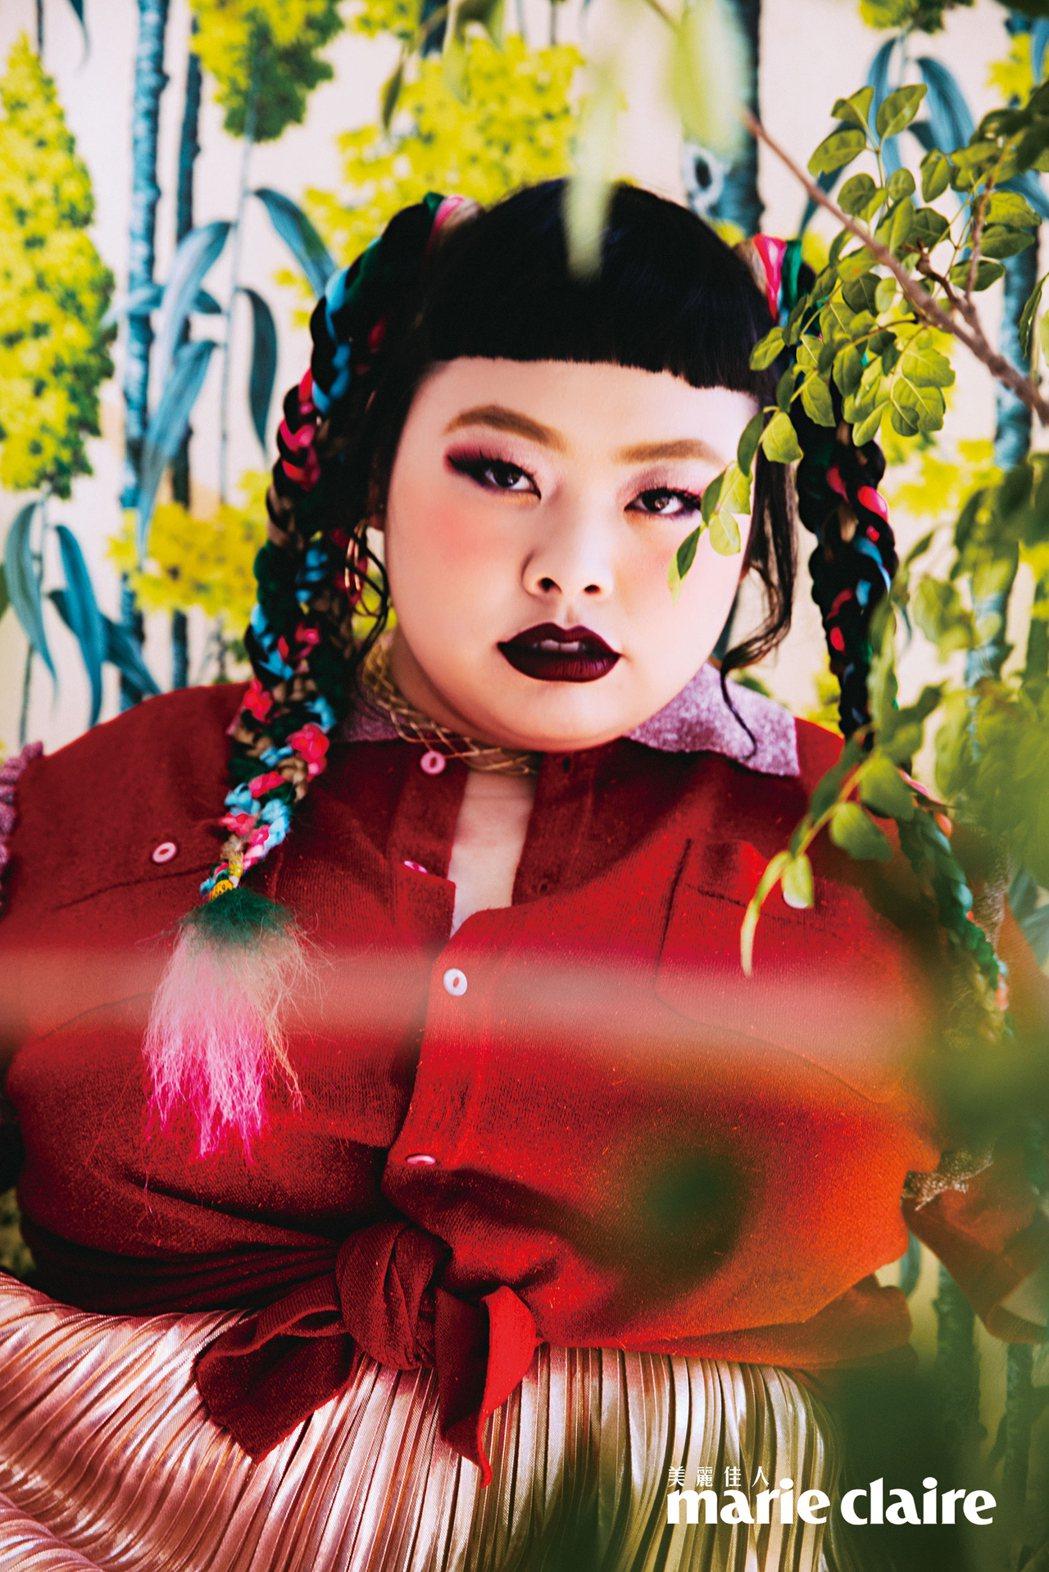 渡邊直美登上時尚雜誌,拍照很有名模架式。圖/Marie Claire美麗佳人提供